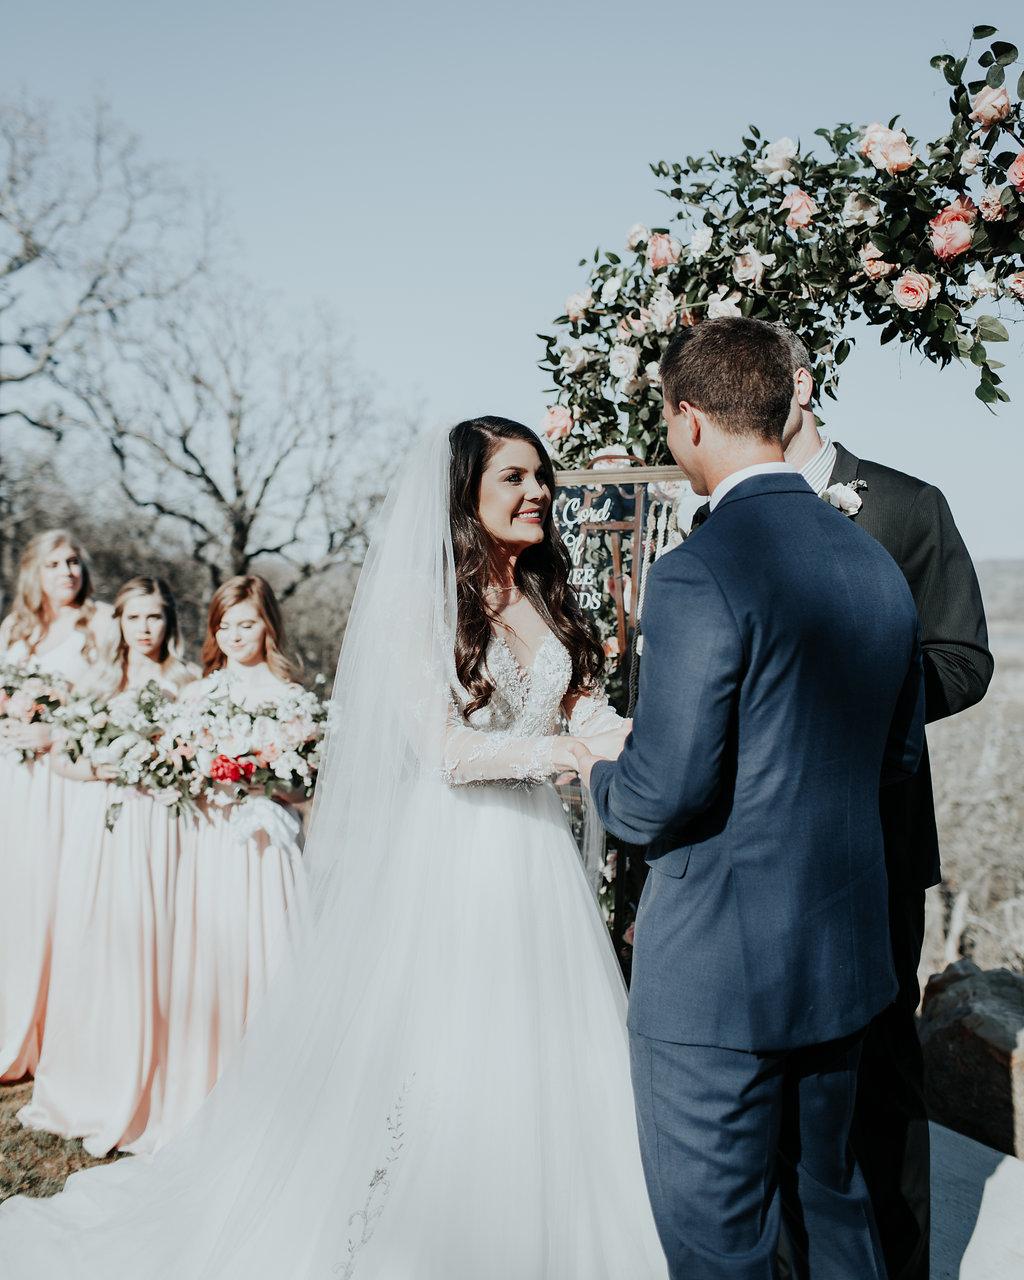 Tulsa Wedding Venue outdoor ceremony 3.jpg